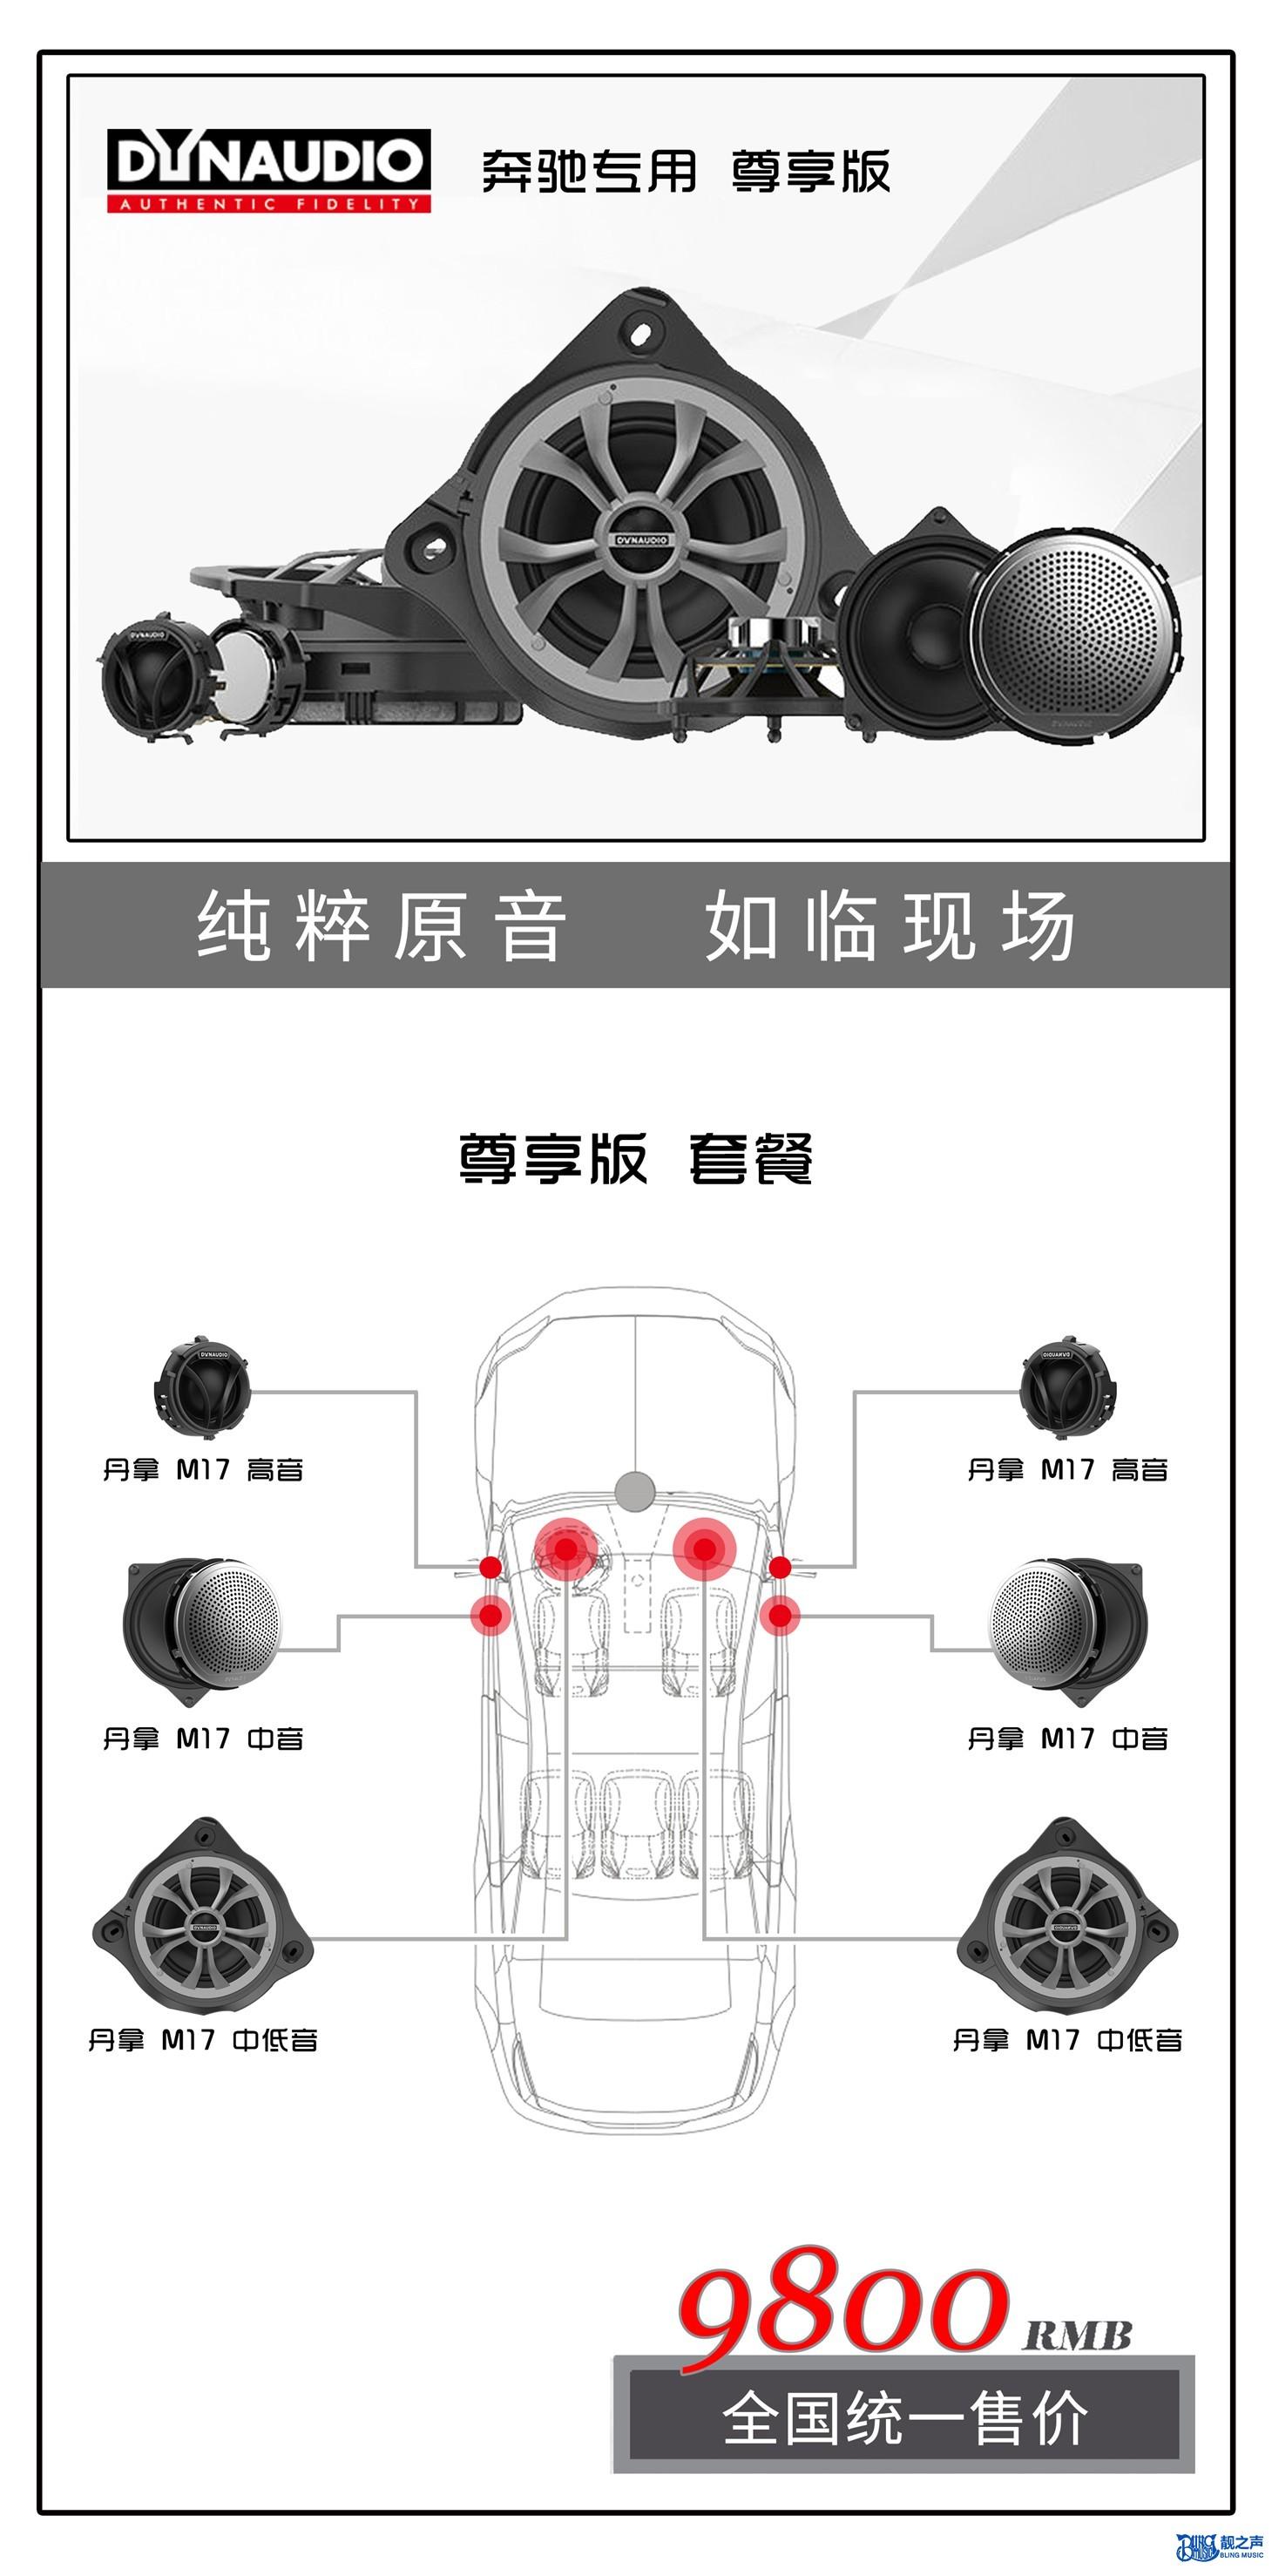 丹拿 M17 奔驰套餐图B.jpg